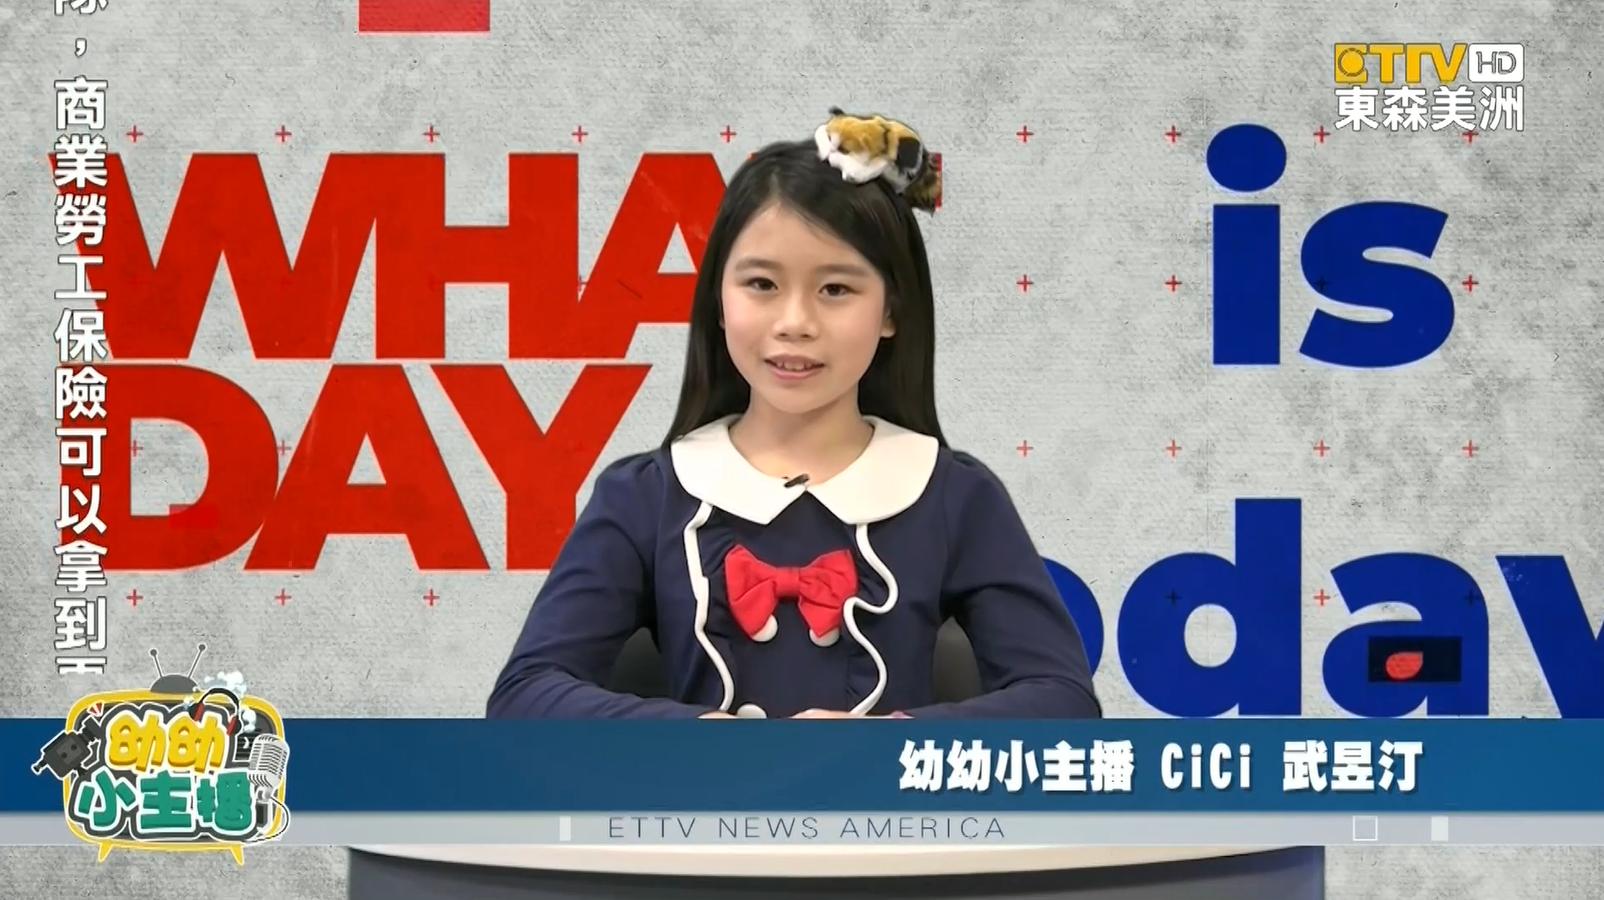 小主播CiCi:3月28日「尊重貓咪日」養貓有助於舒緩情緒